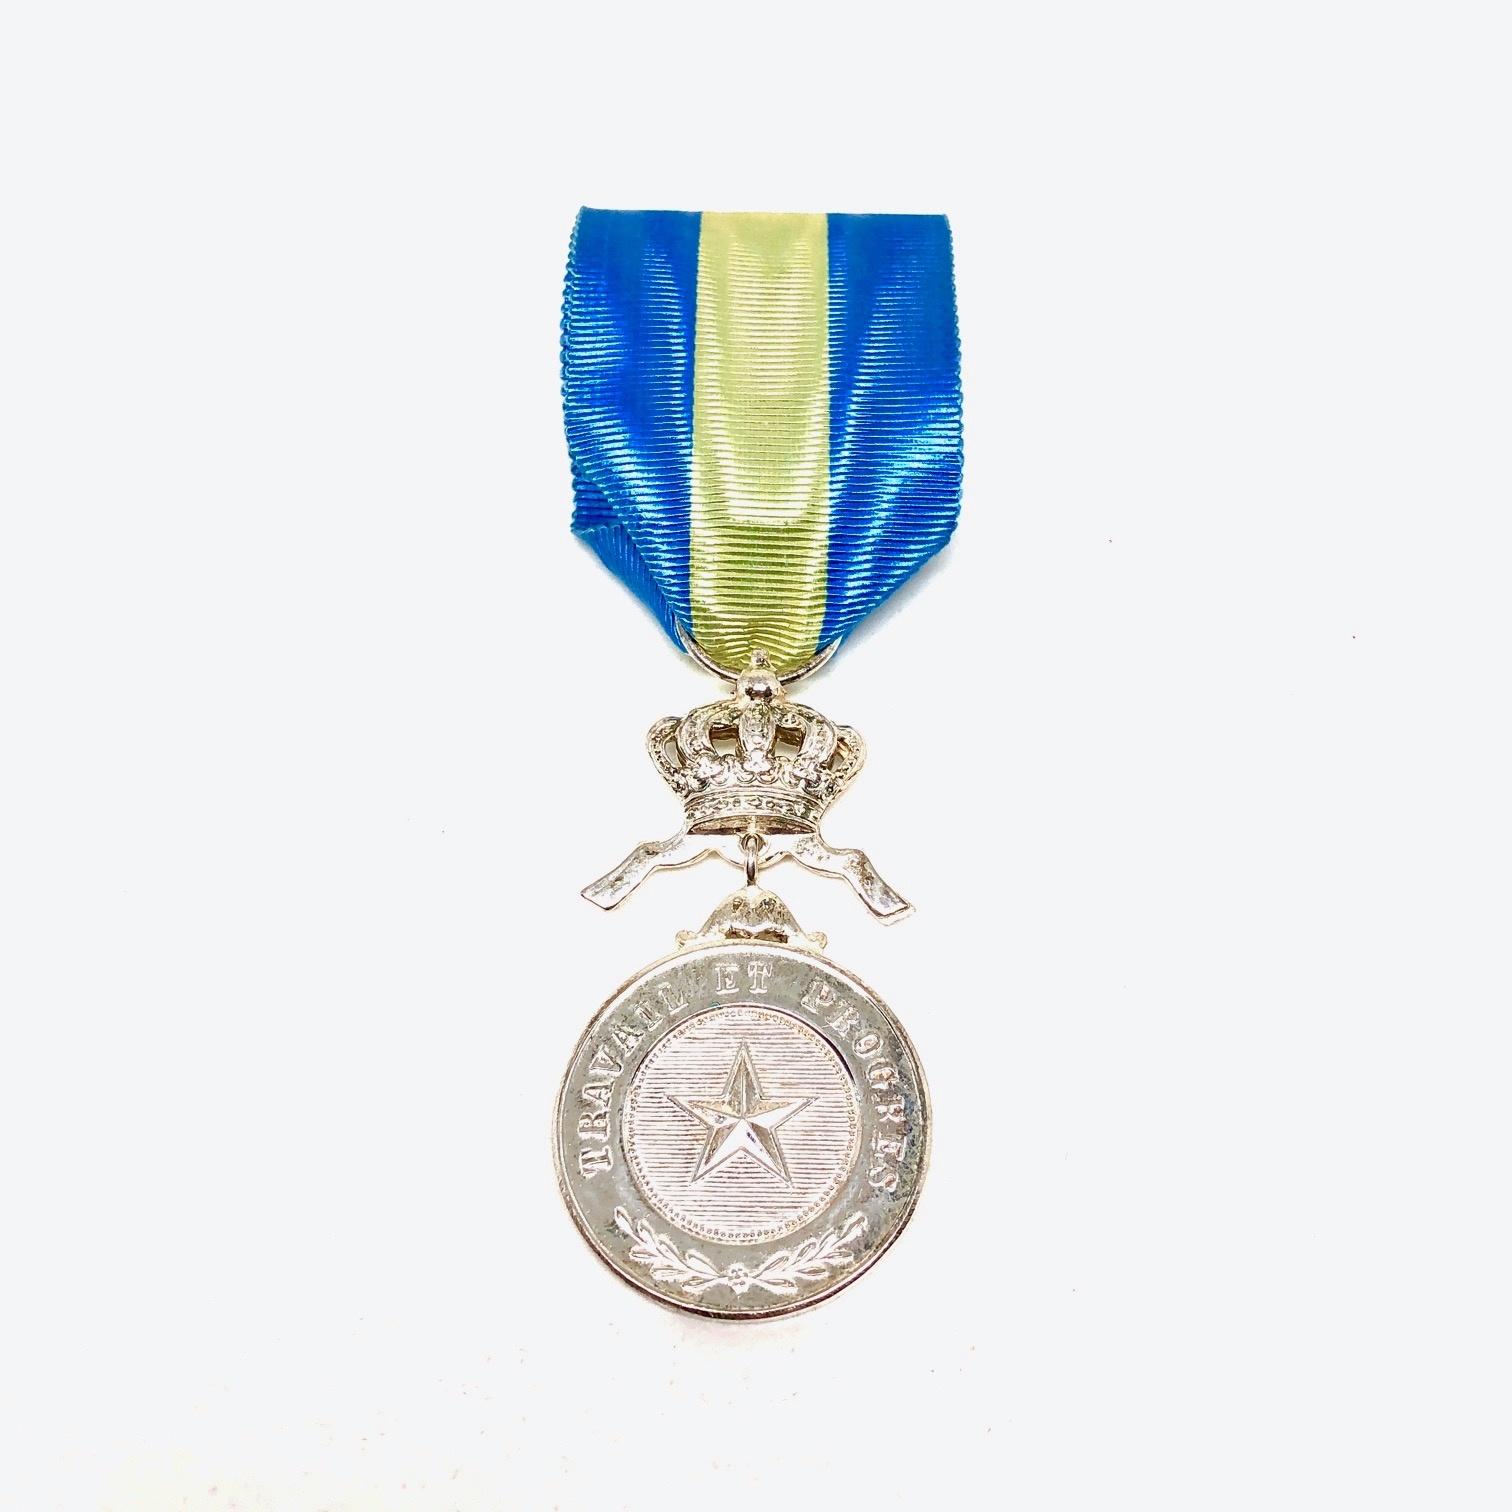 Zilveren Medaille in de Orde van de Afrikaanse Ster